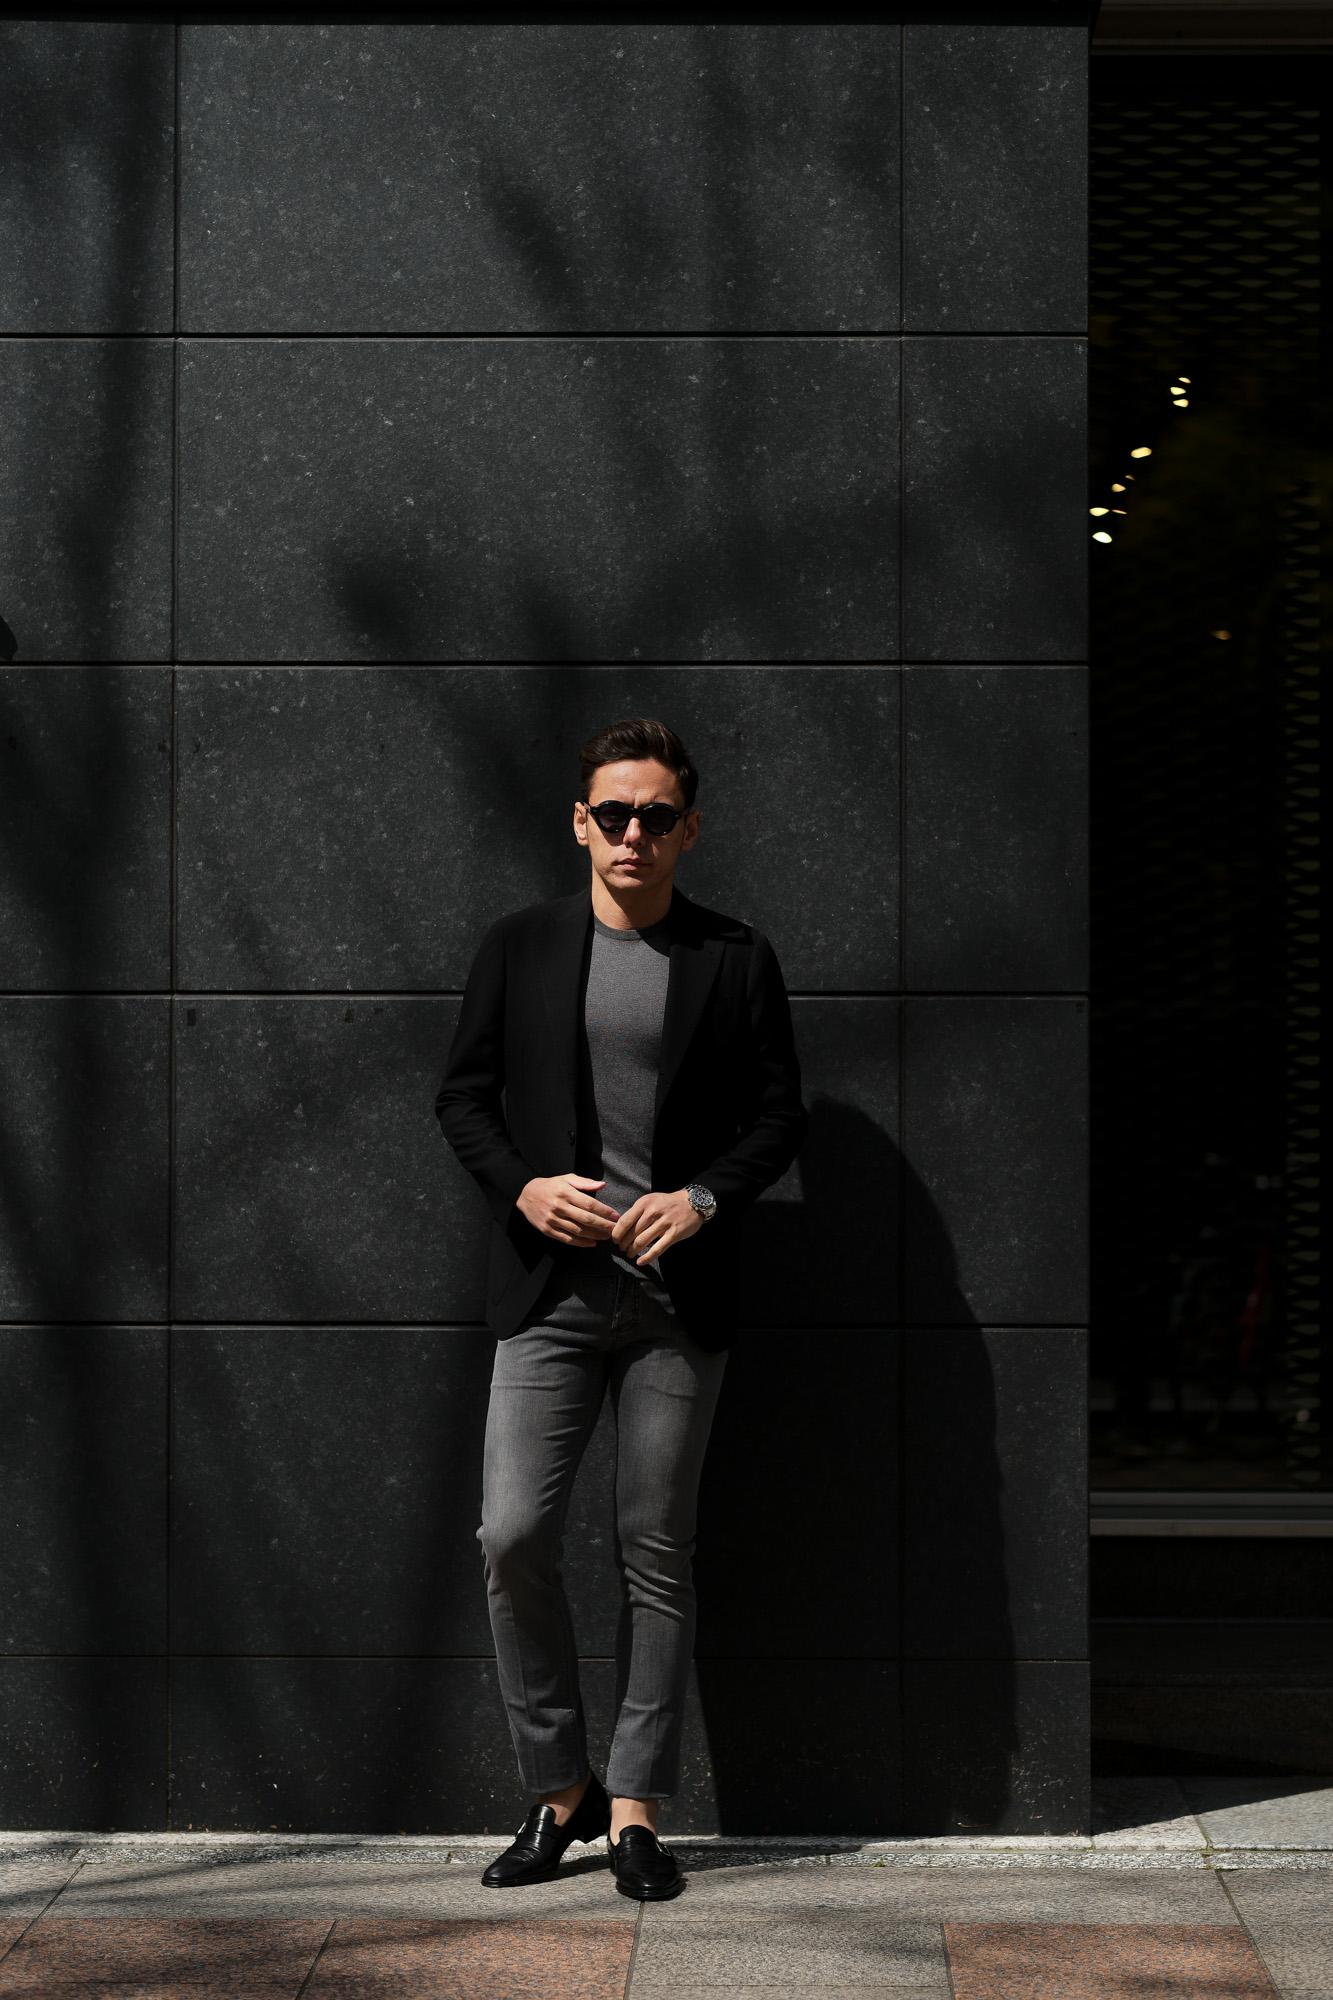 RICHARD J.BROWN(リチャードジェイブラウン) TOKYO(トウキョウ) T81 W214 CM BGA ストレッチ デニムパンツ   GRAY(グレー) MADE IN ITALY (イタリア製)  2020春夏新作 richardjbrown altoediritto アルトエデリット デニムパンツ ジーンズ